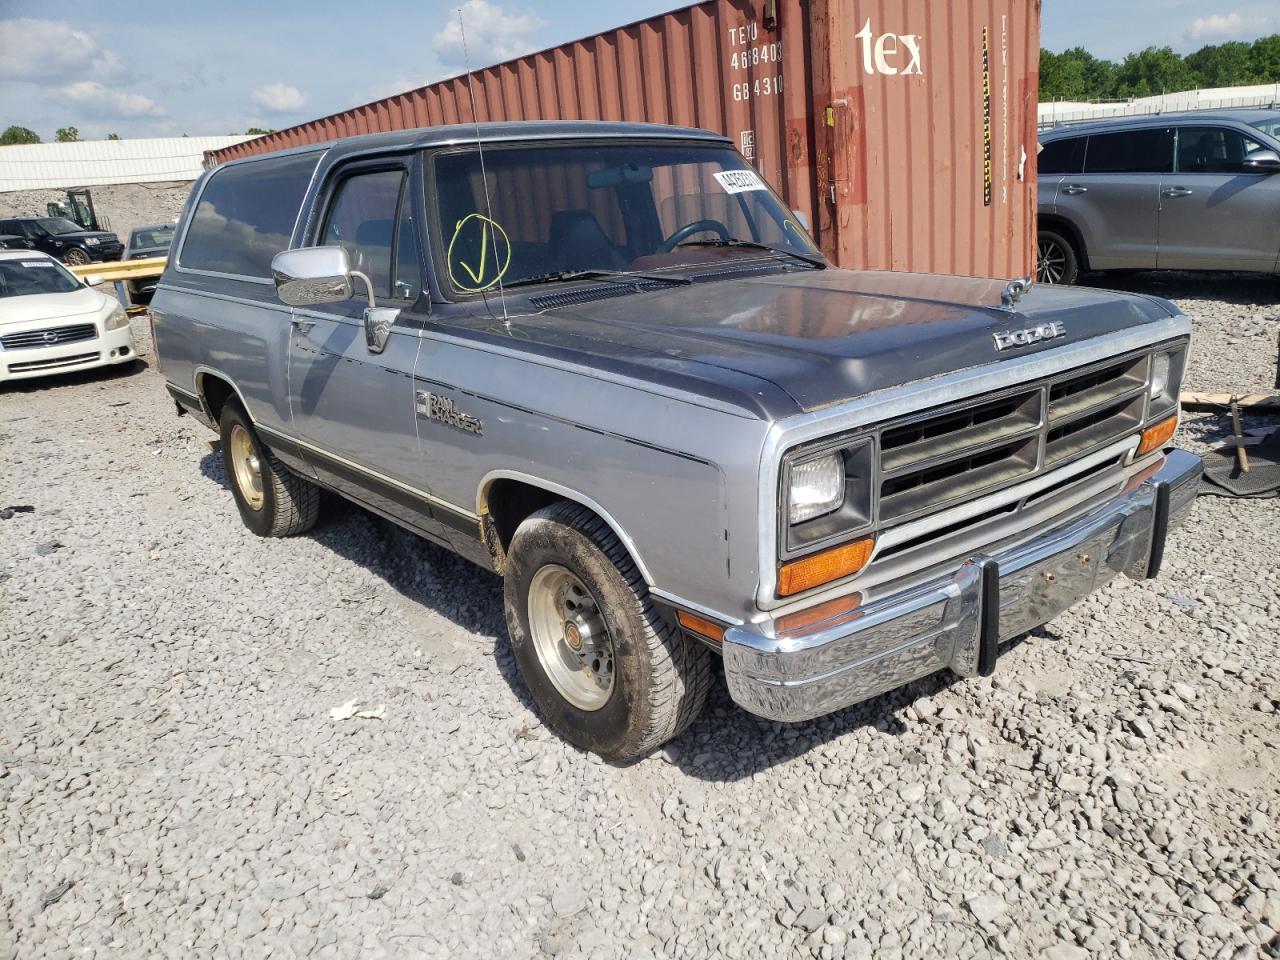 1989 DODGE RAMCHARGER - 3B4GE17Y0KM905546